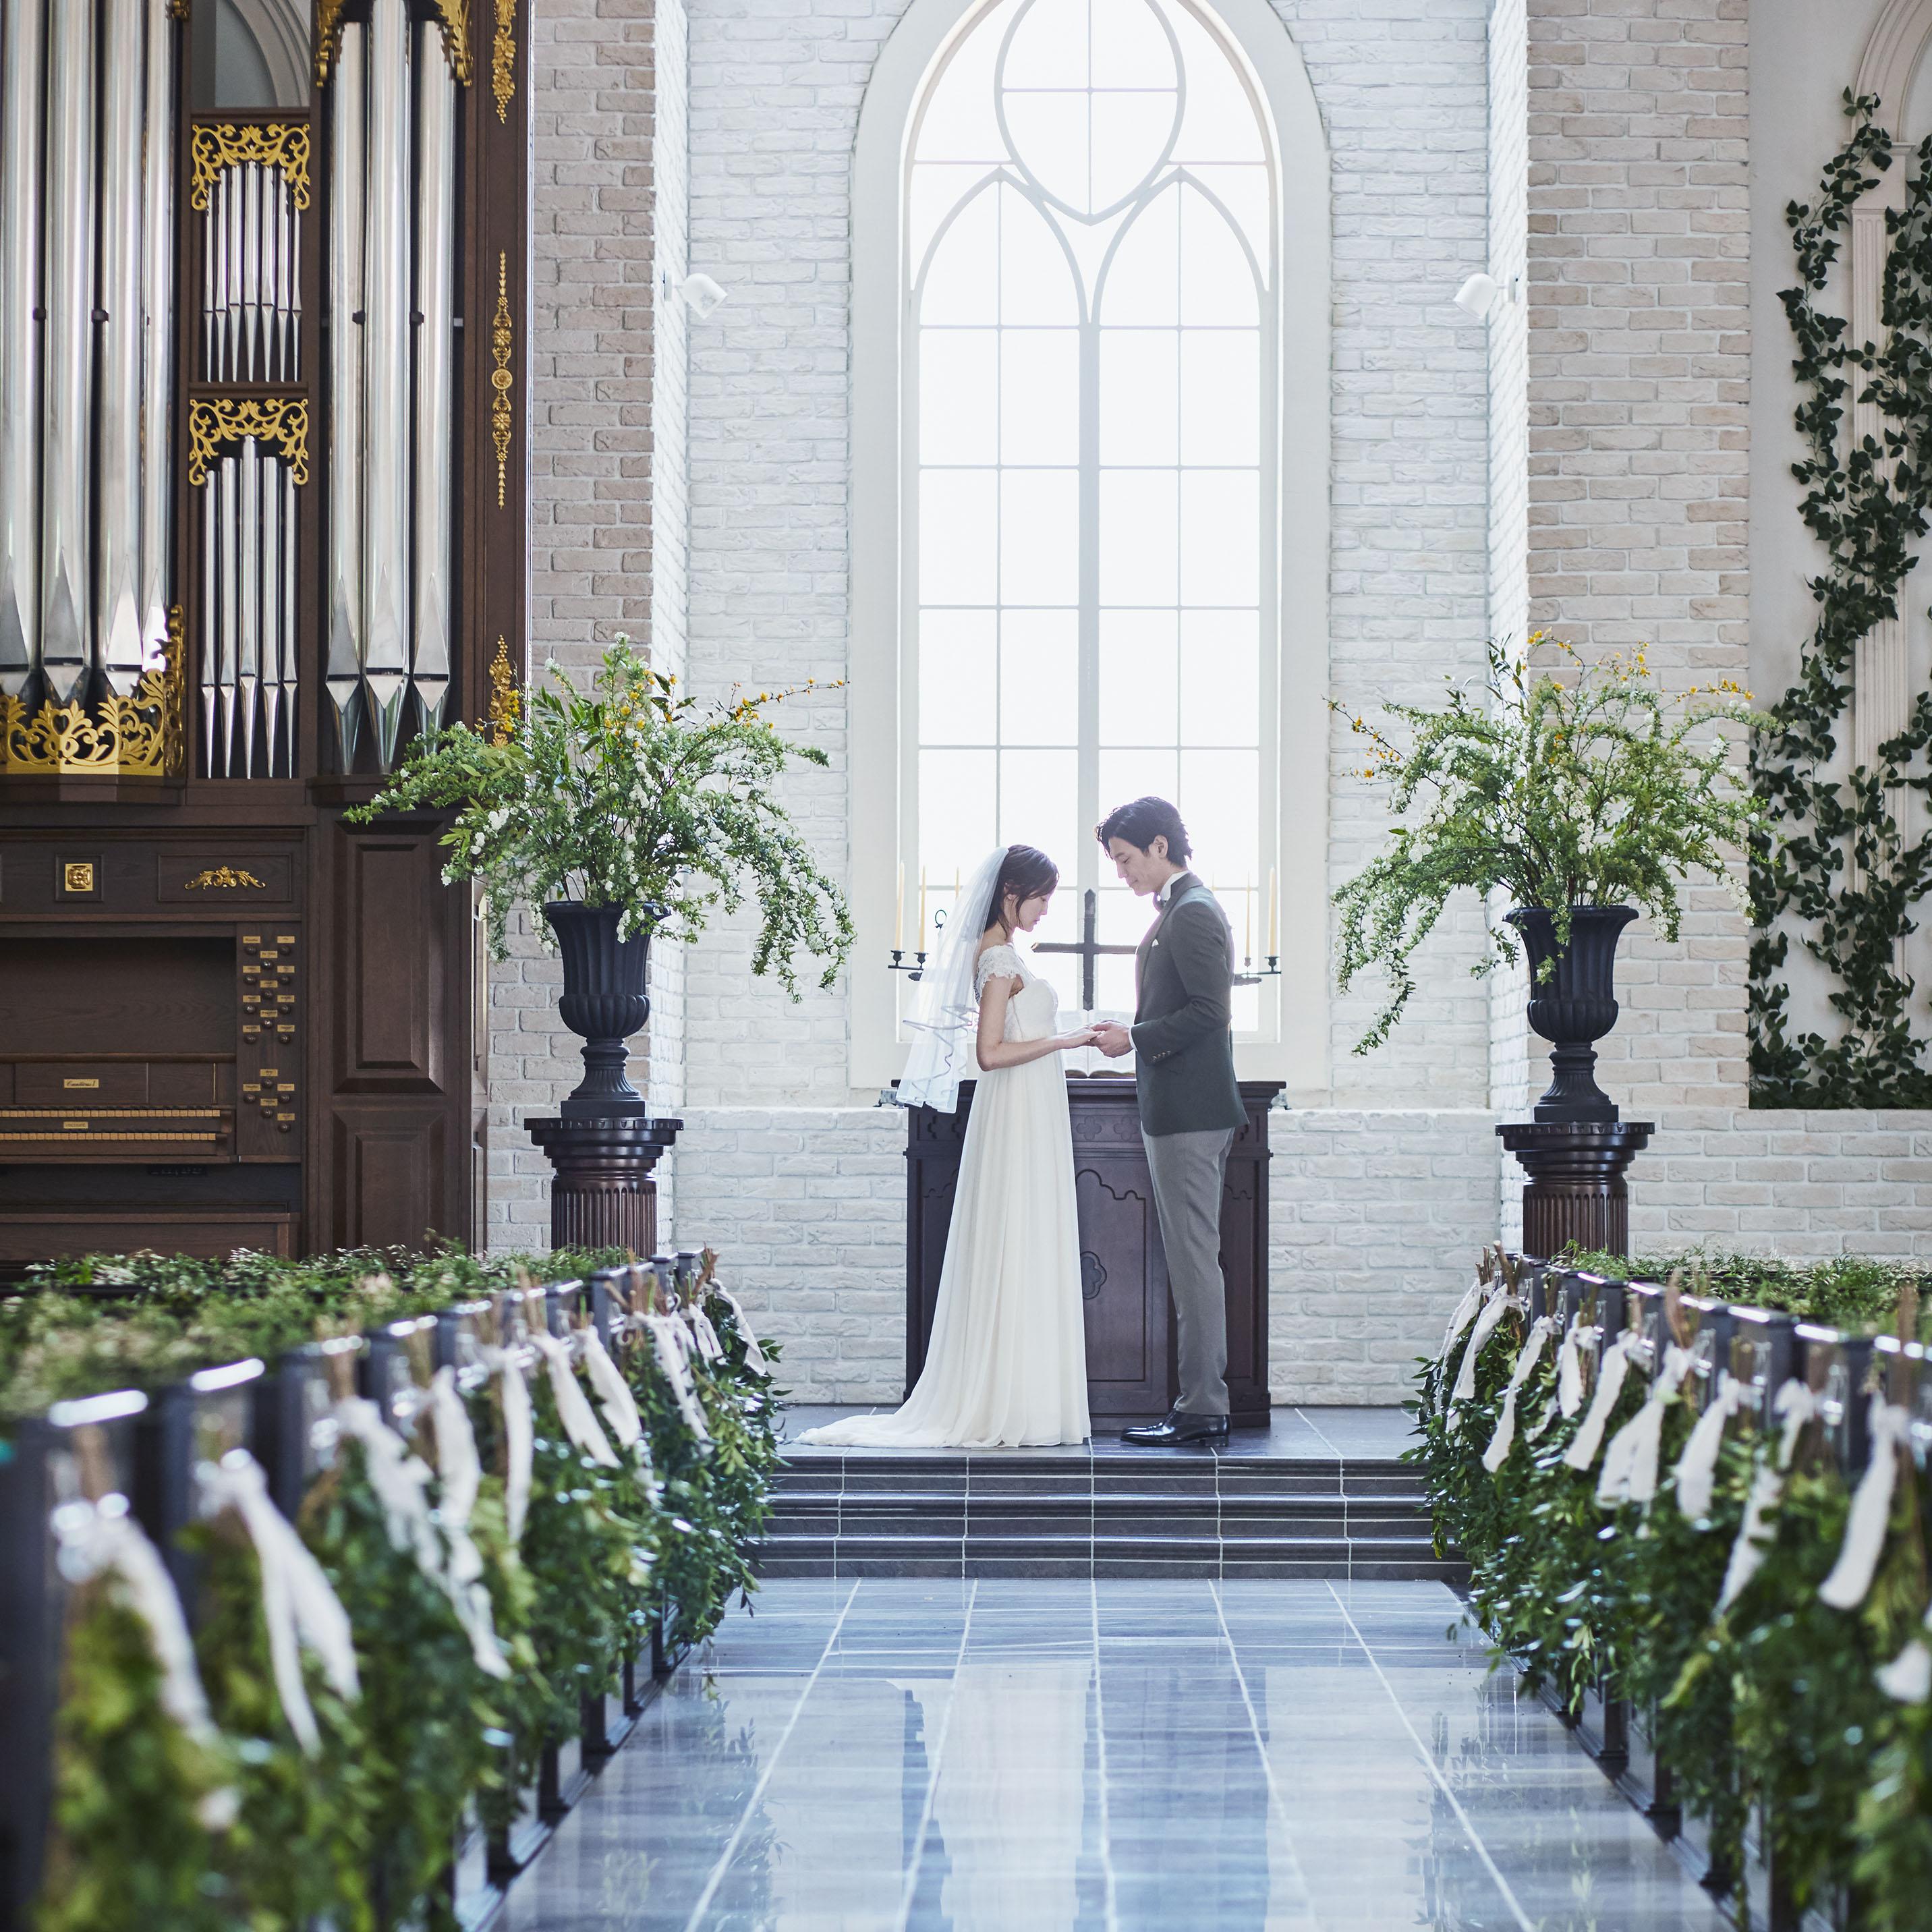 【試食体験付♪】3密回避!安心の会場で叶える結婚式提案フェア